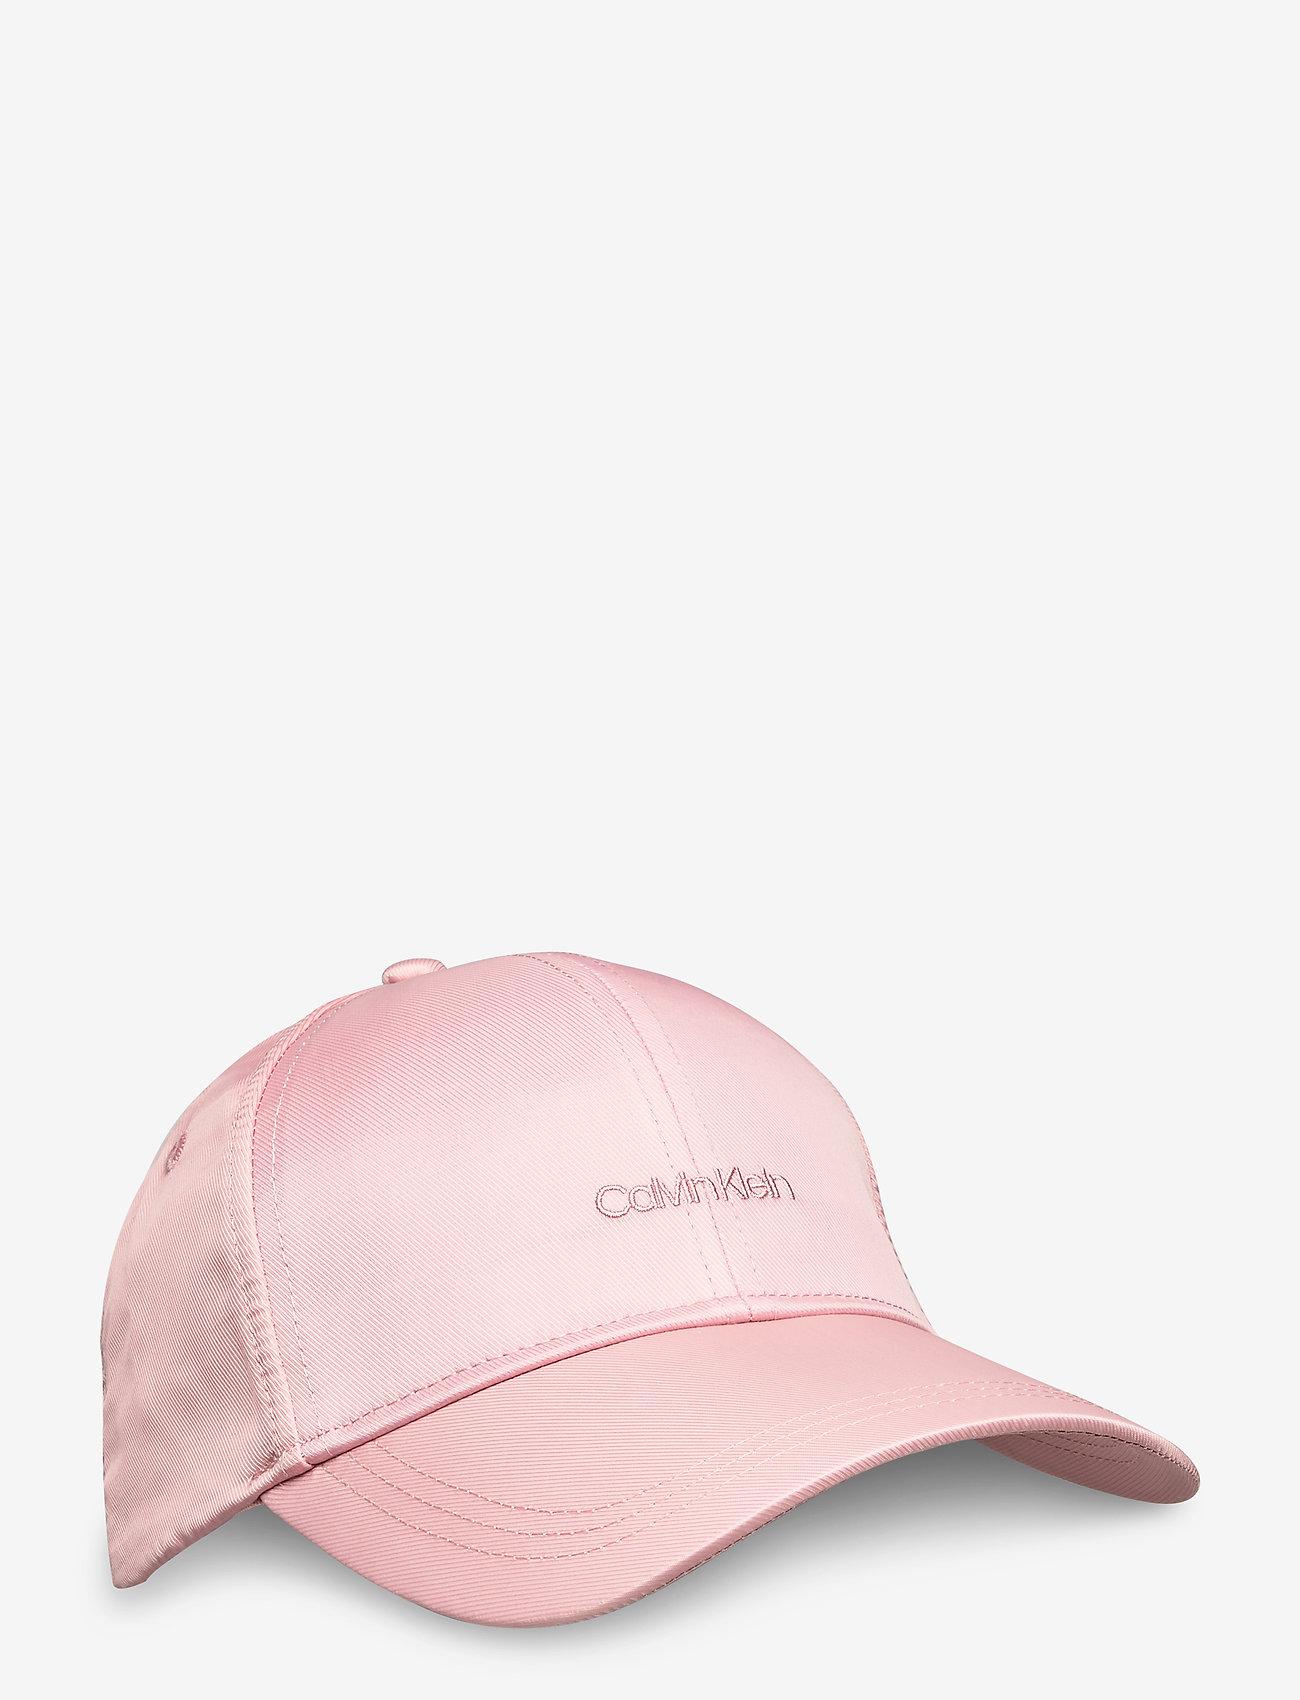 Calvin Klein - EMBROIDERY LOGO SATIN BB CAP - caps - silver pink - 0